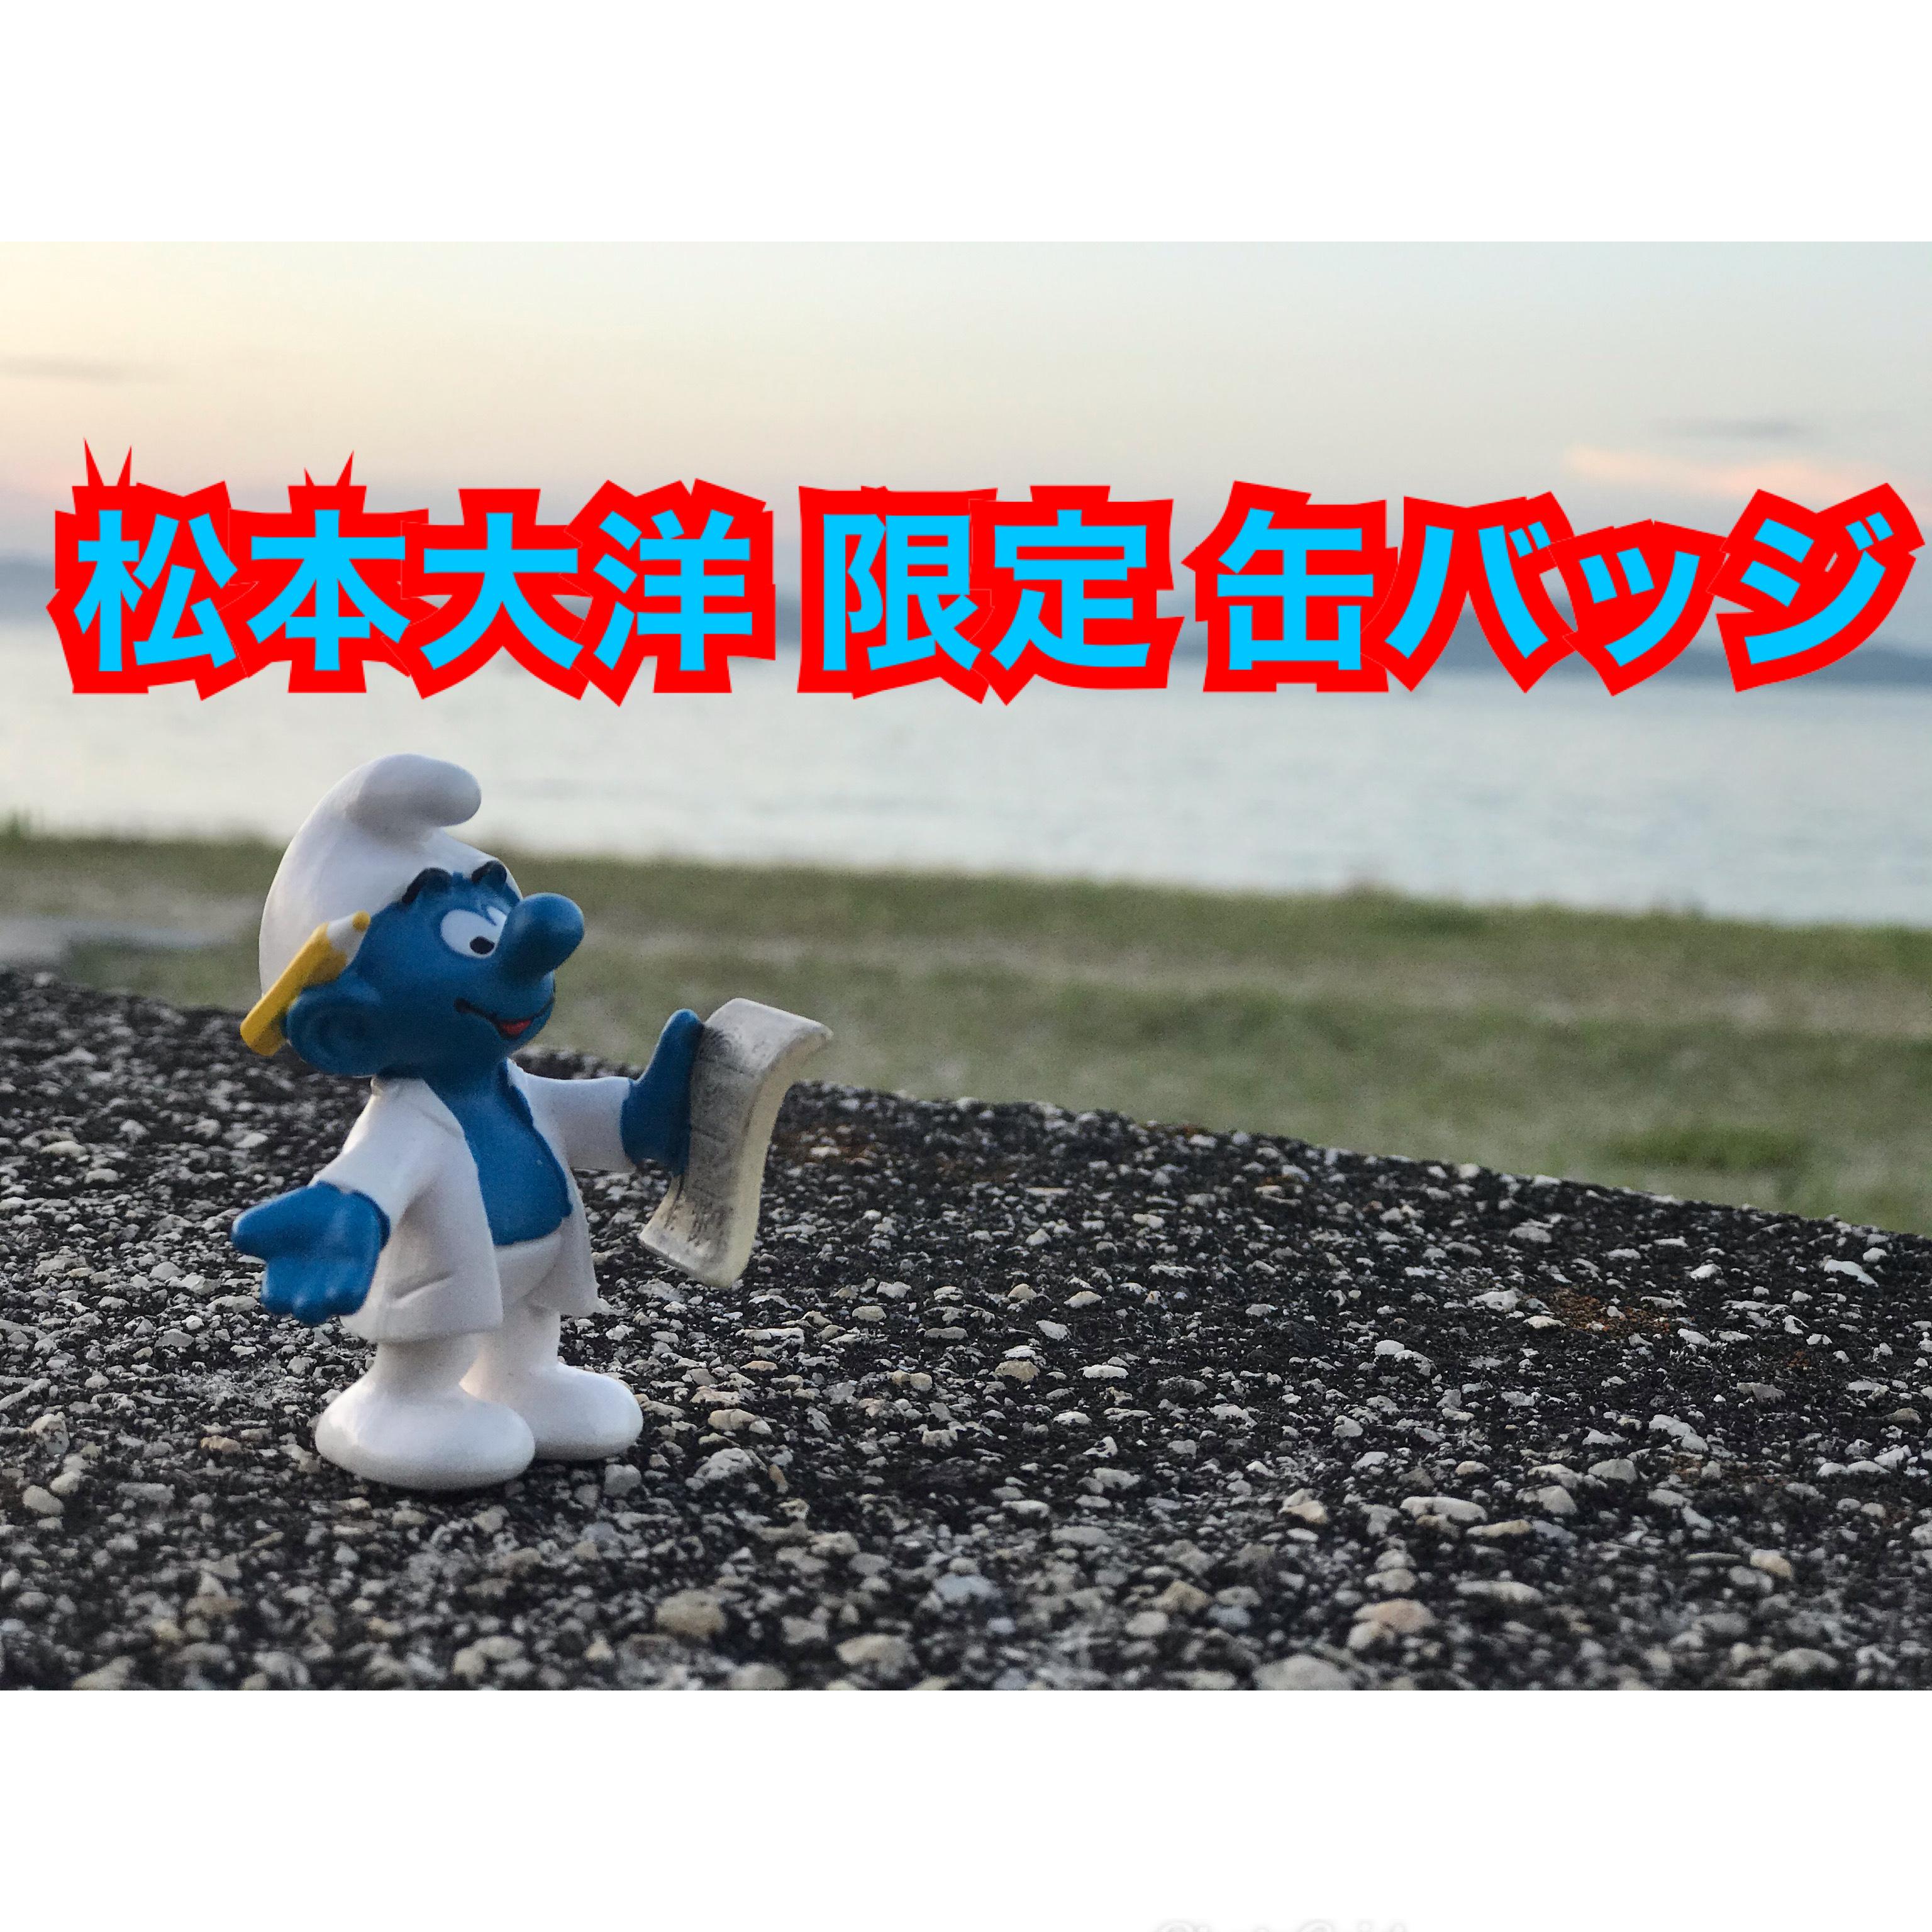 松本大洋 限定 缶バッジ (定形外郵便送料込み)